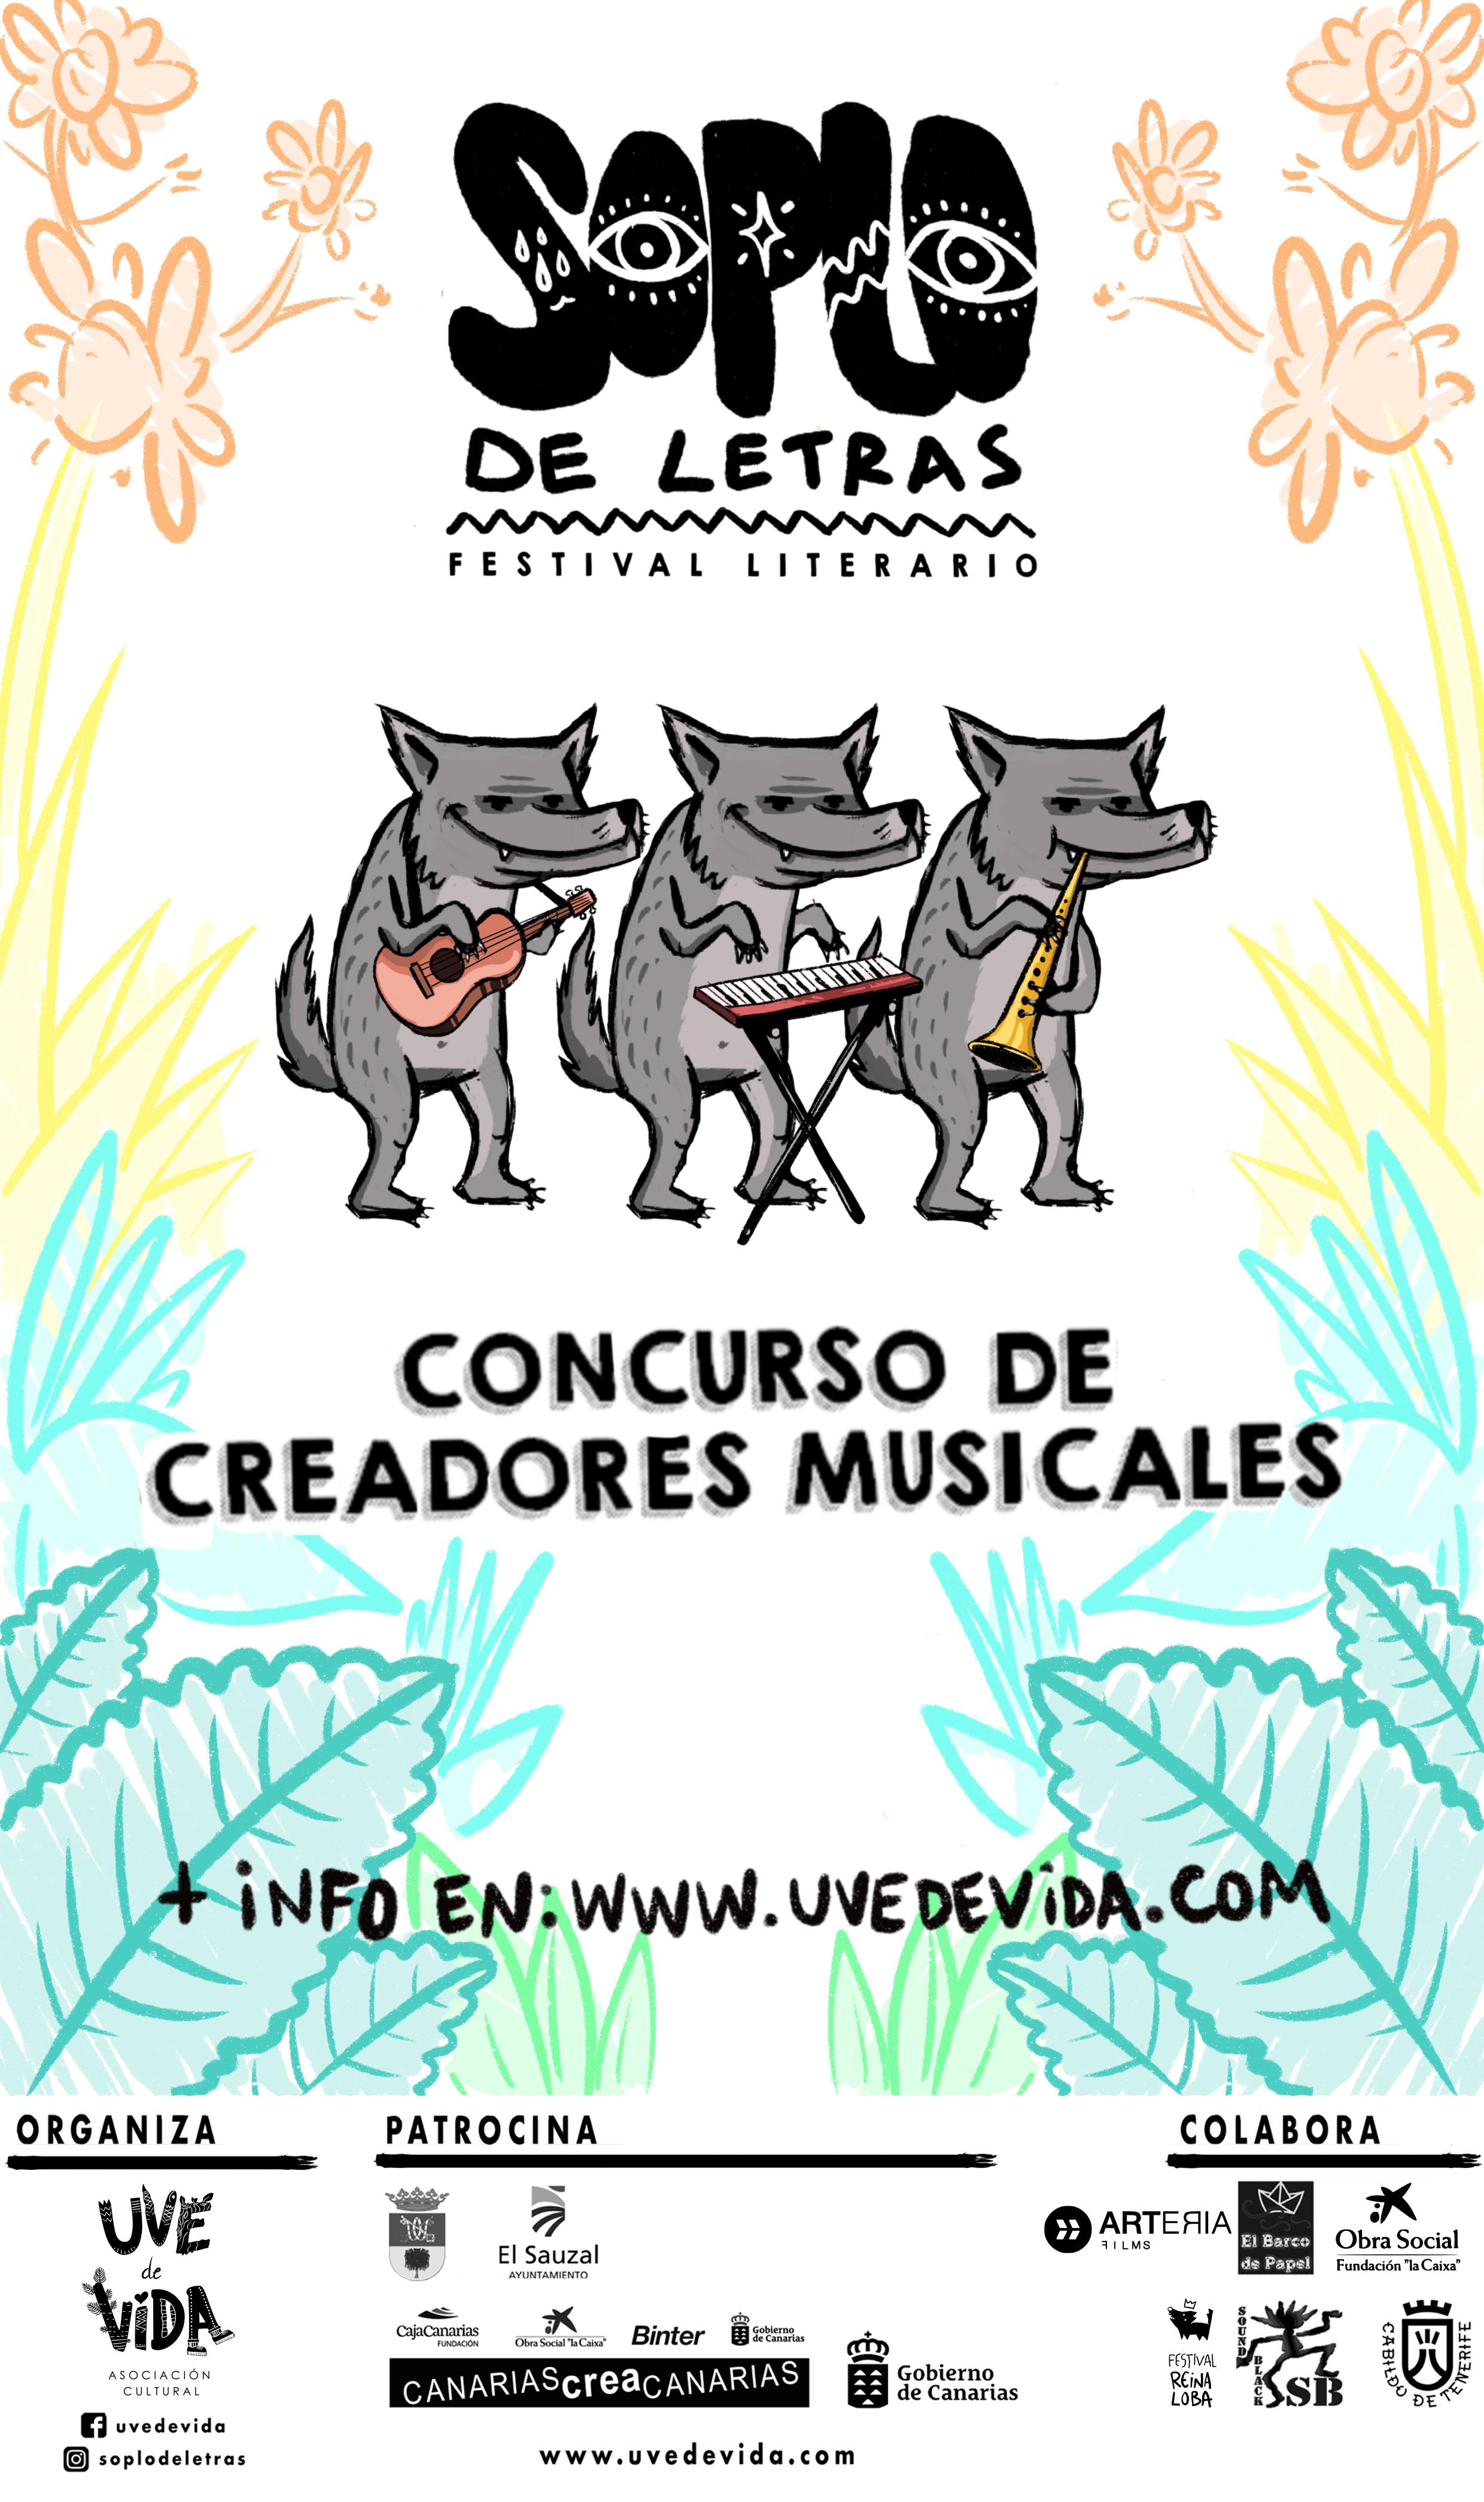 Concurso de Creadores Musicales - Soplo de Letras 2019